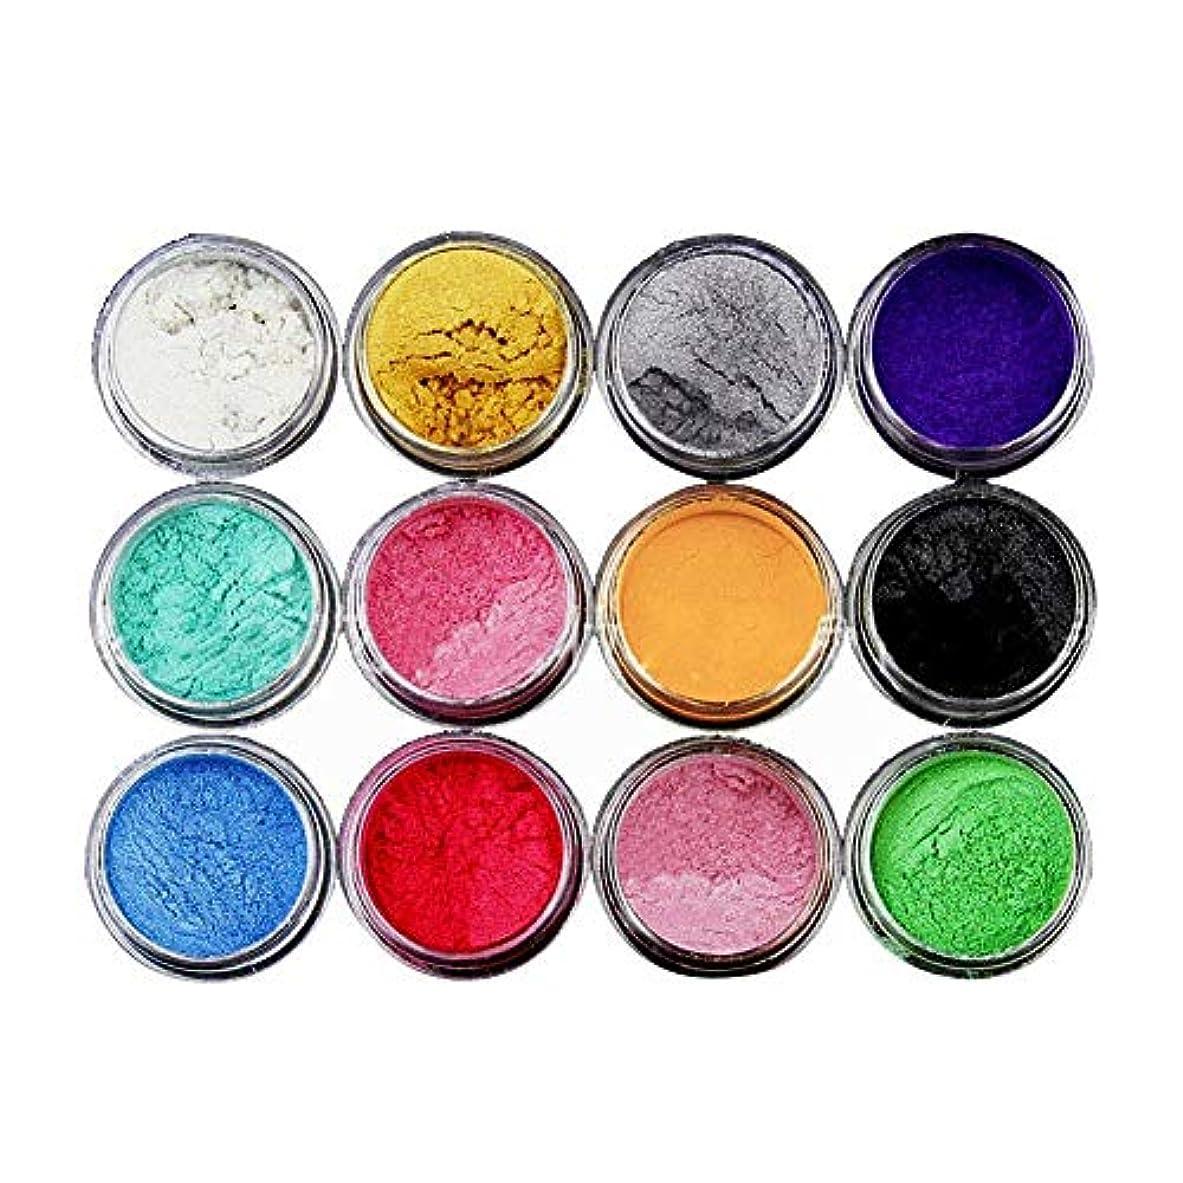 廃棄ニンニク報酬BETTER YOU (ベター ュー) ネイルオーナメント/ 12色パールパウダー/リン/アイシャドウパウダー/DIYスライム素材ボックス